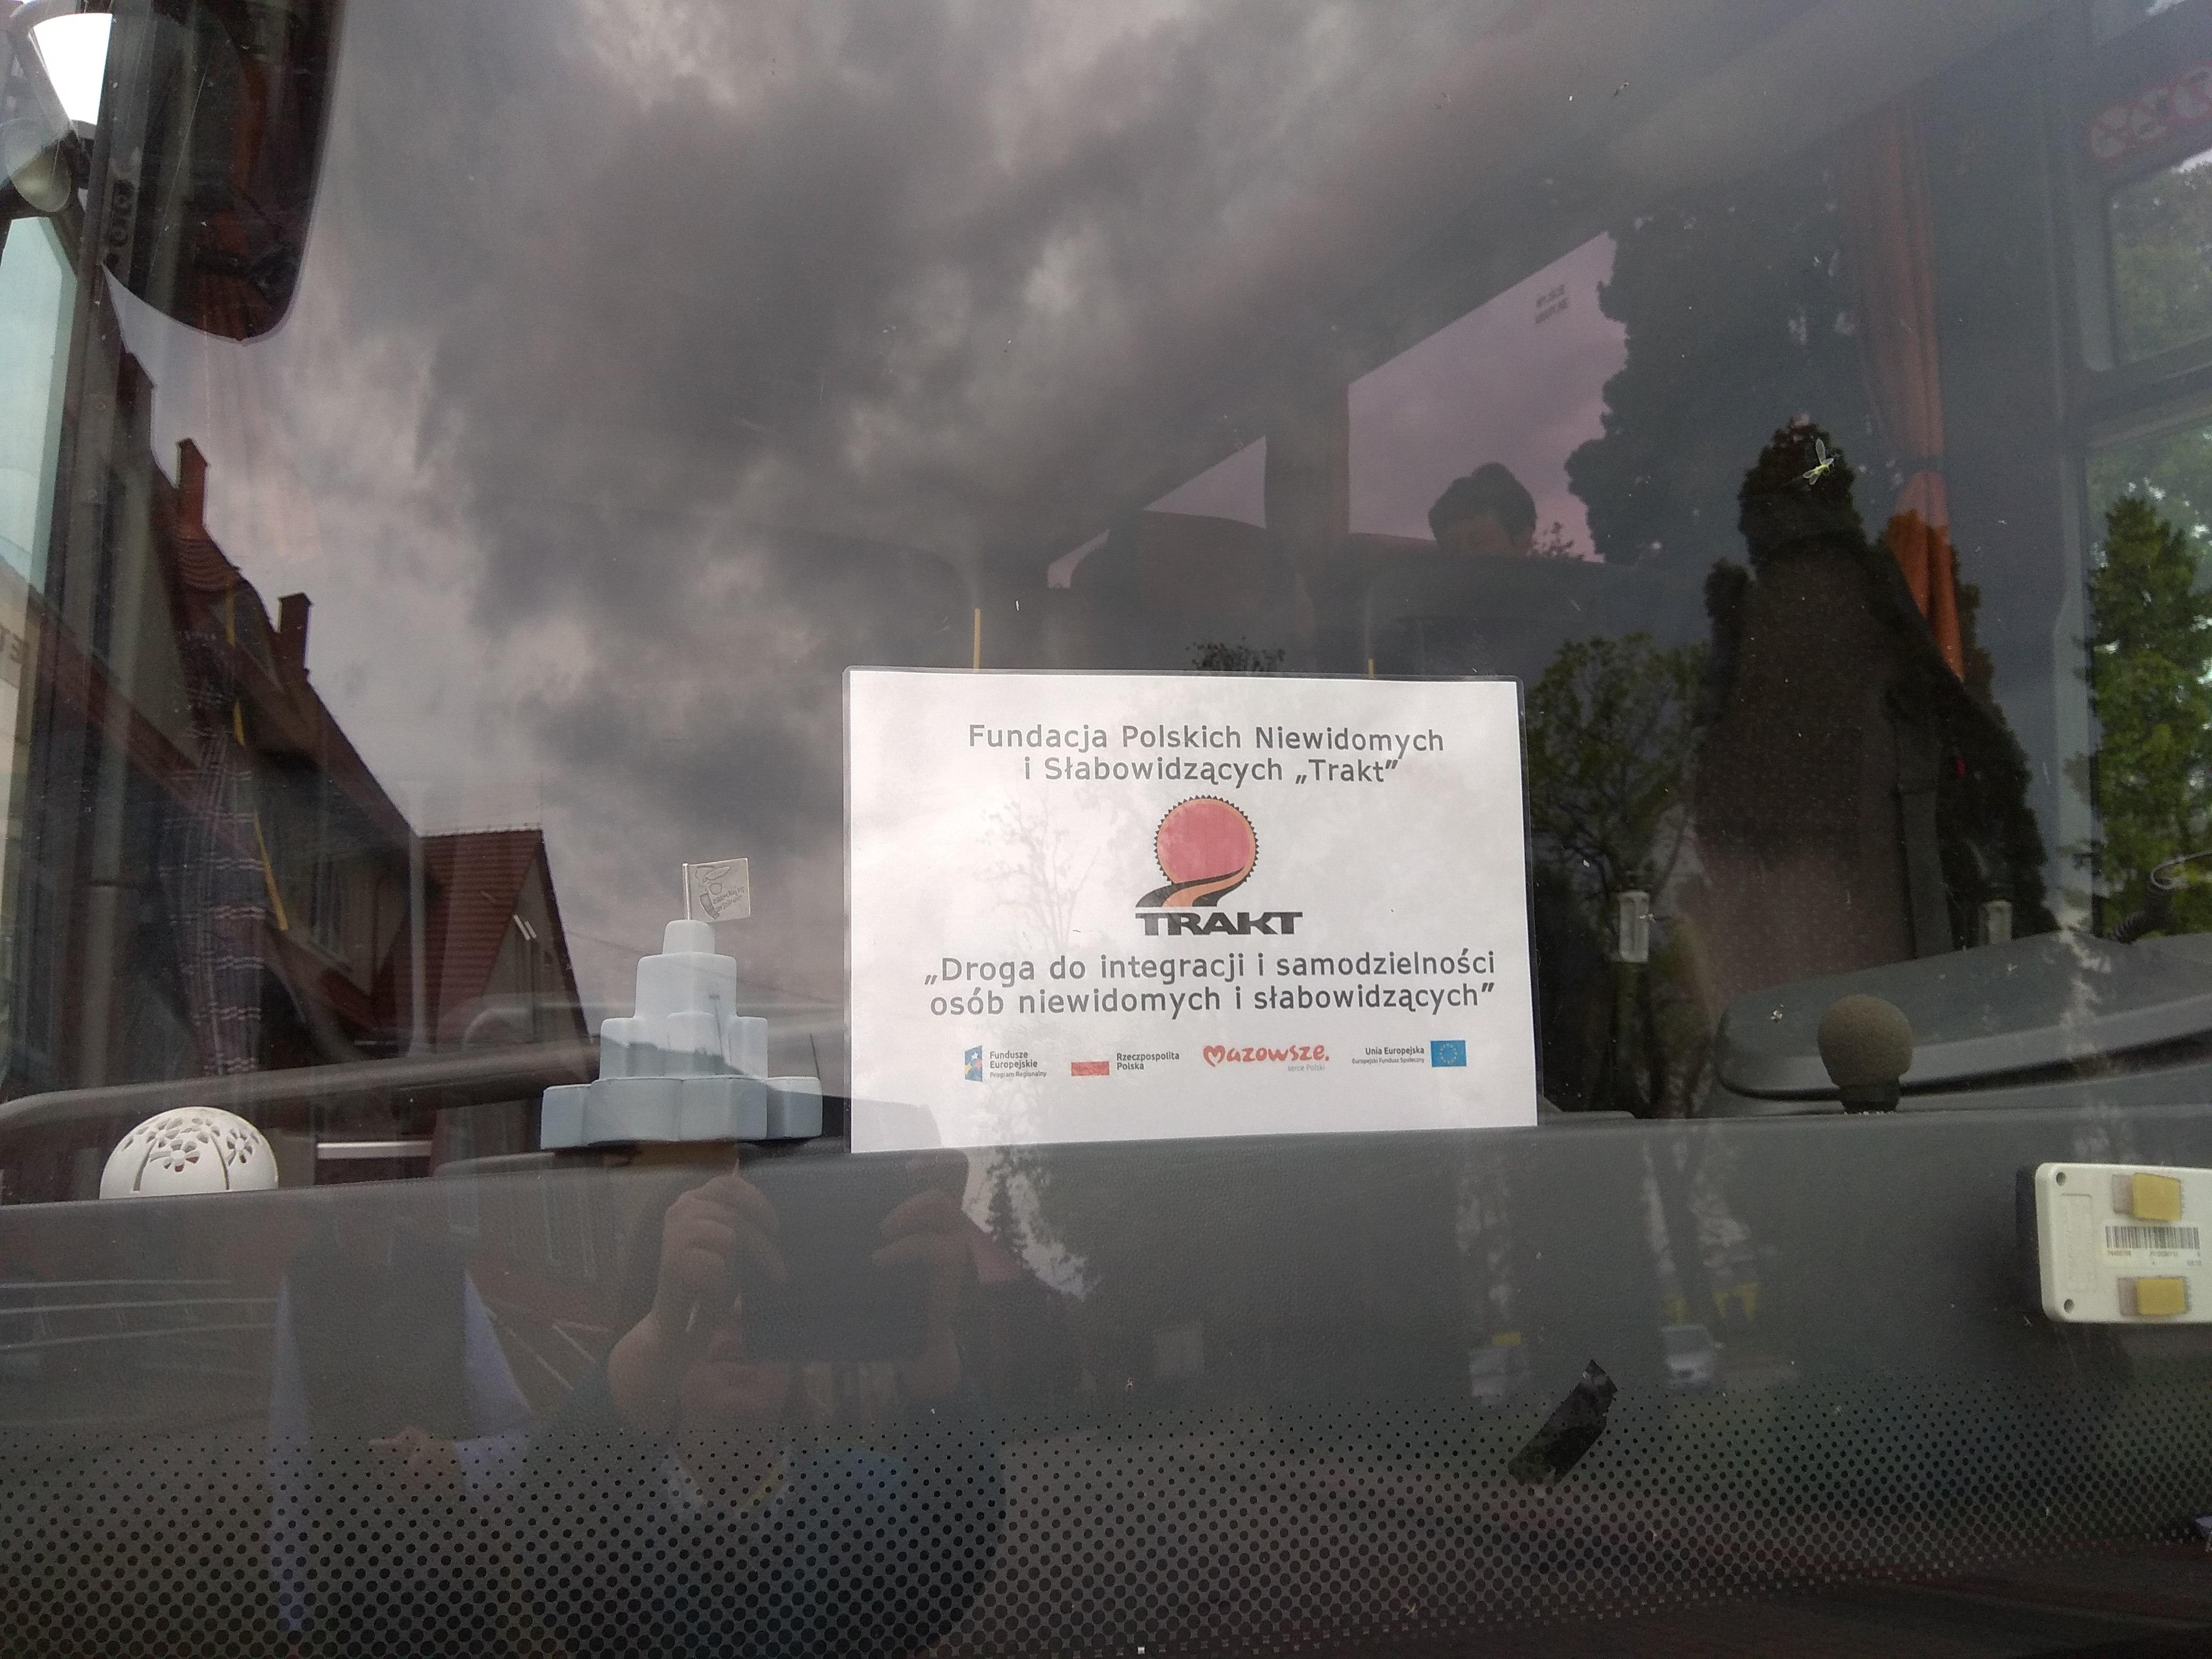 Przednia szyba autokaru z tablicą z logo Fundacji TRAKT i informacjami o projekcie, na której widać odbicie otaczających go budynków.